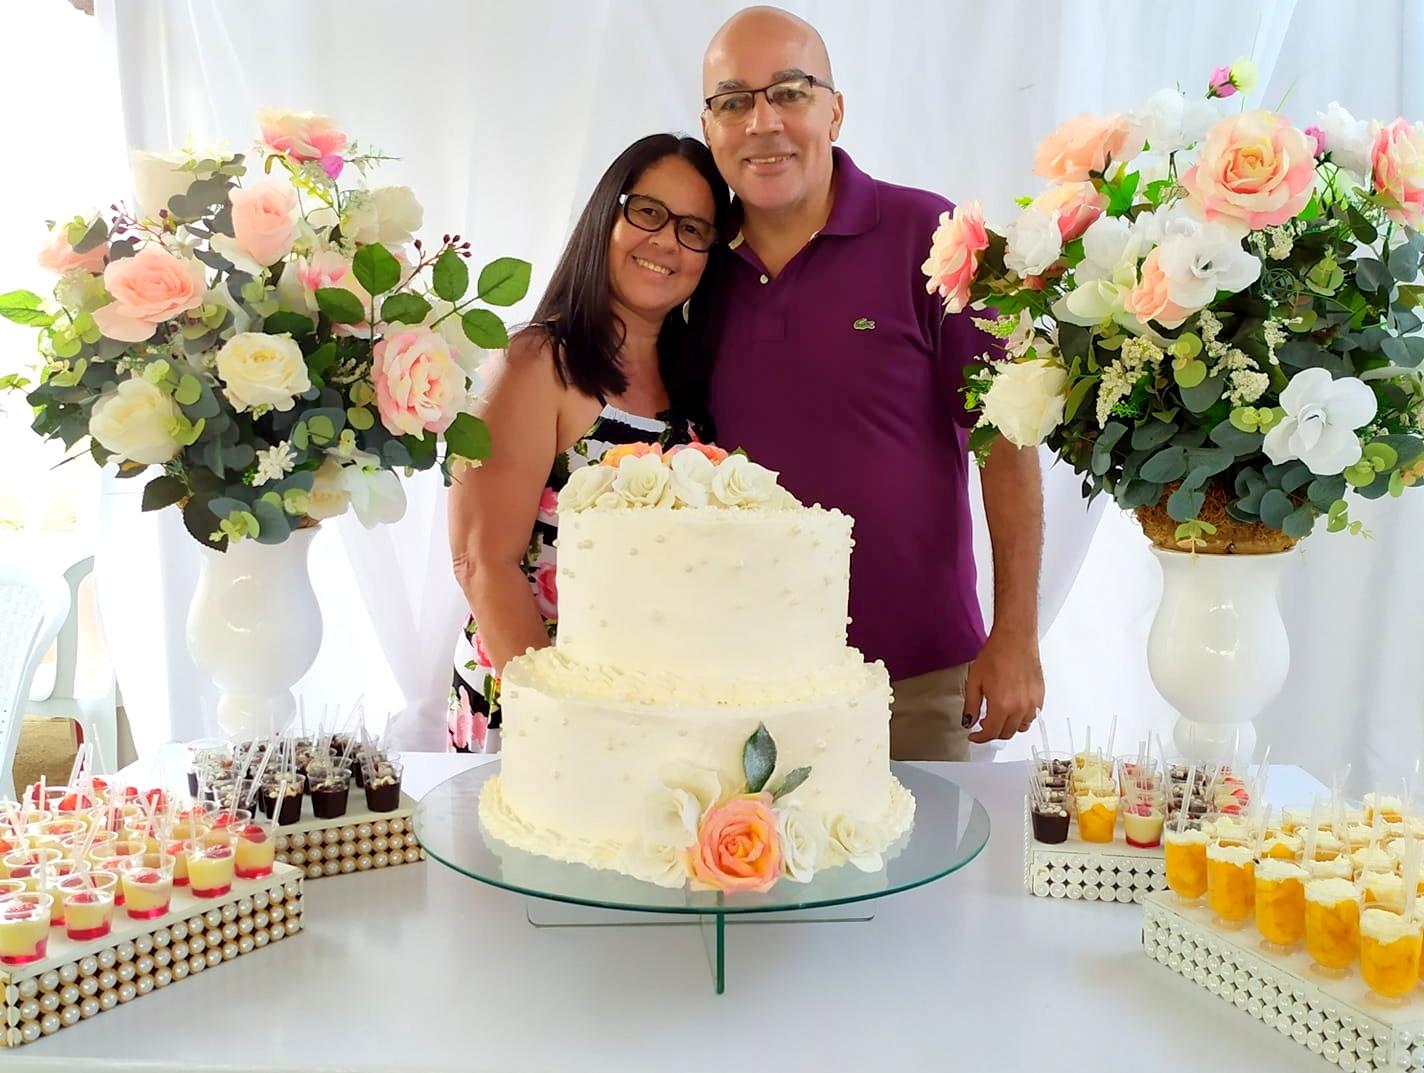 Itapetinga: Parabéns ao casal Cristiano e  Eliana Amorim pelas bodas de zinco (10  anos de casados)